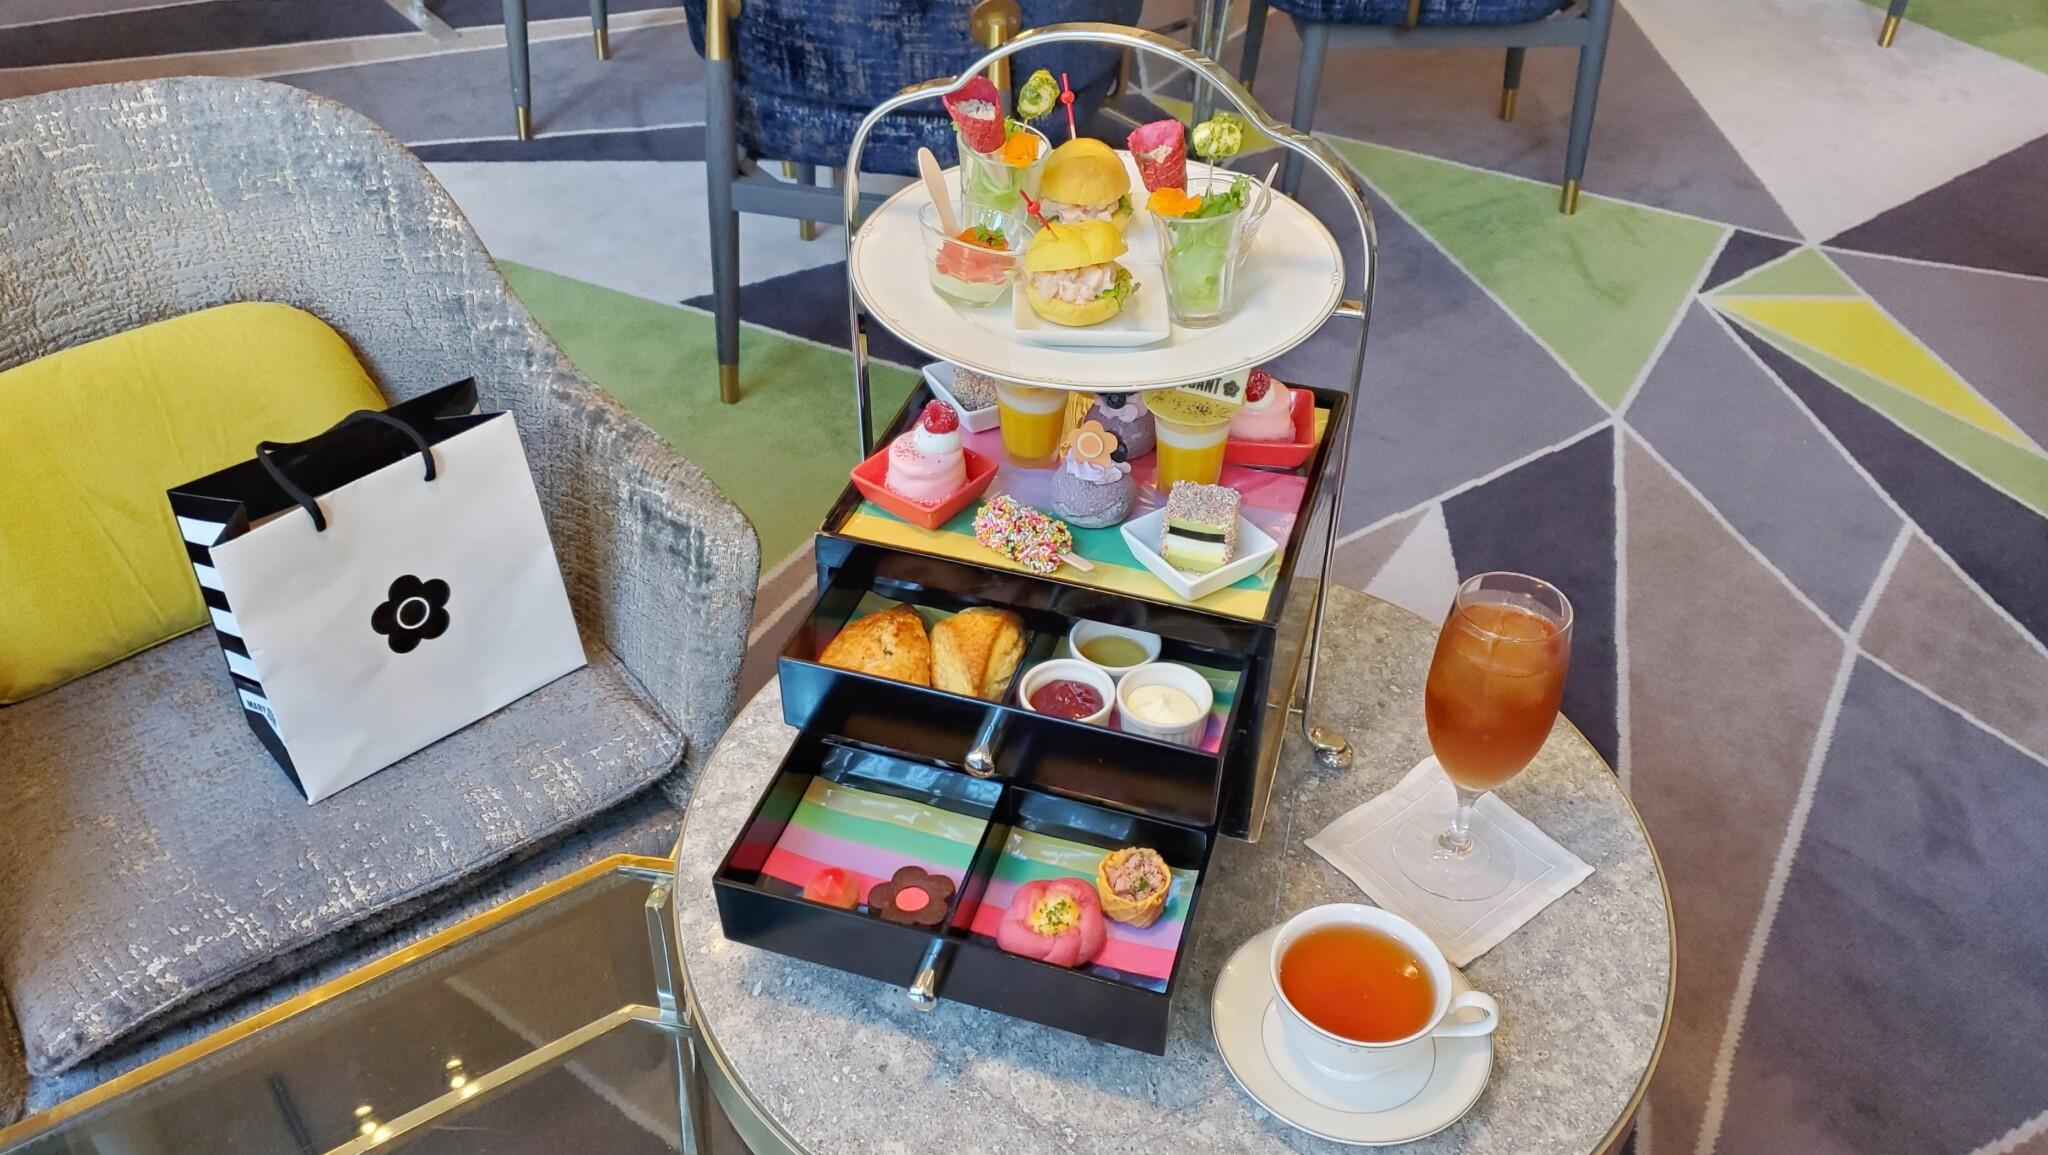 【大阪】2021年夏のアフタヌーンティー&ホテルビュッフェ4選。ホテルで贅沢な時間を過ごそう。